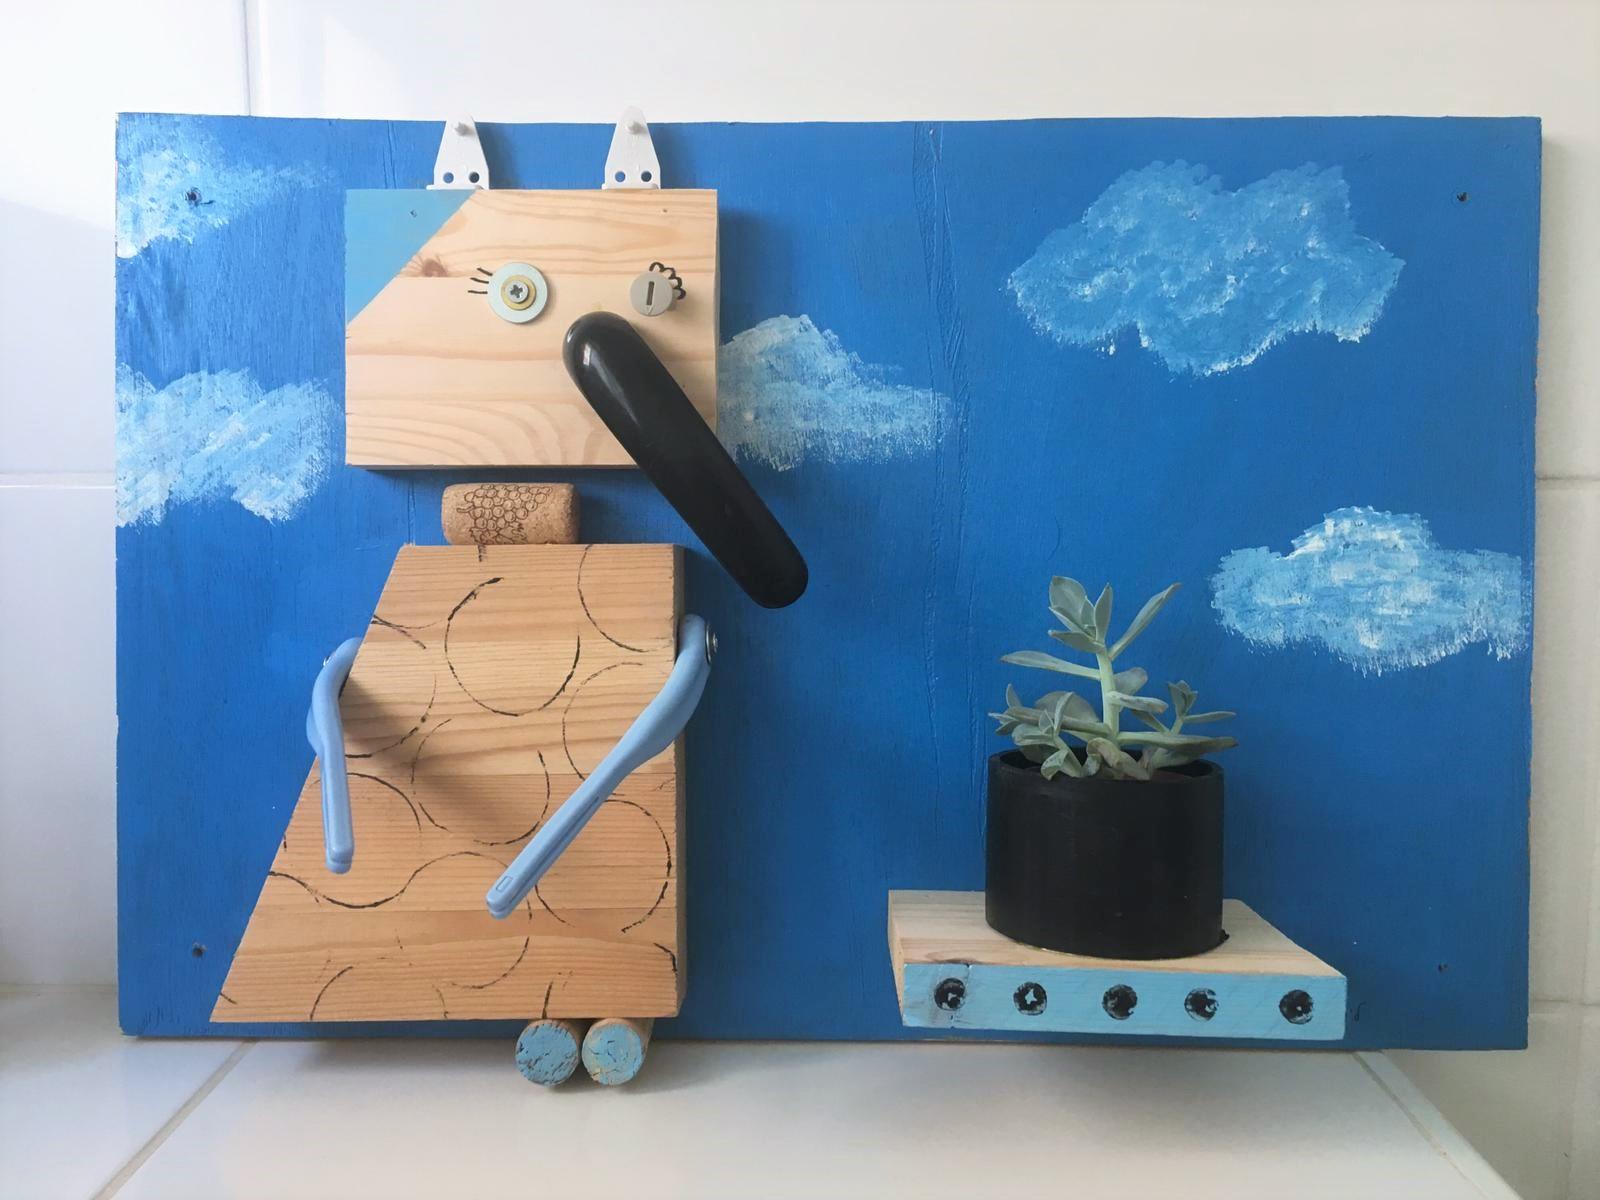 עיצוב בעץ - שלט (הורה וילד) - חנוכה